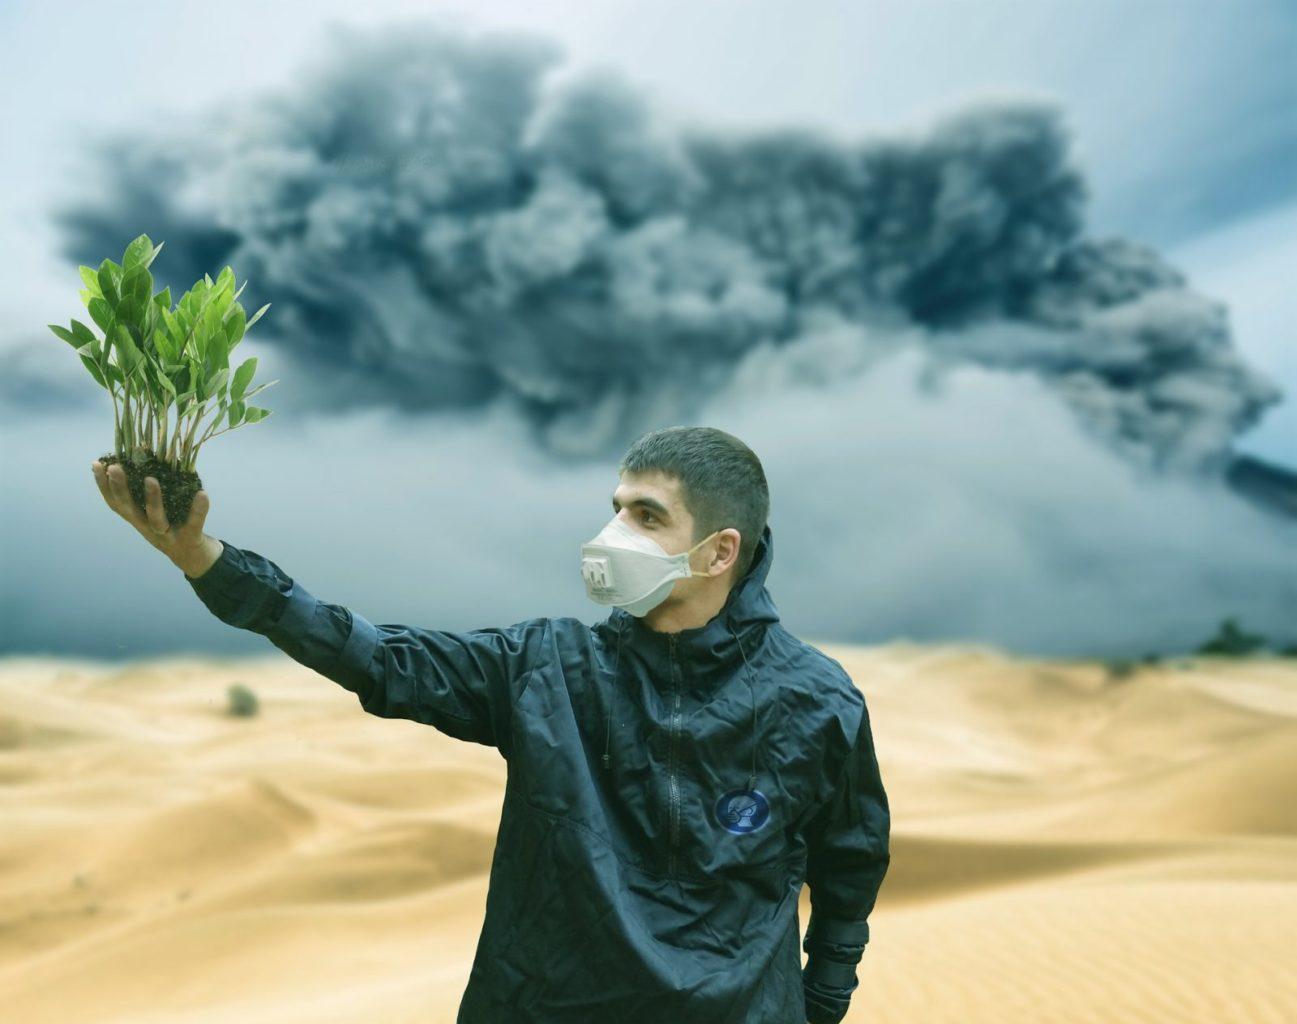 «Нас травят, а мы молчим». Казахстанские блогеры требуют обратить внимание на экологию